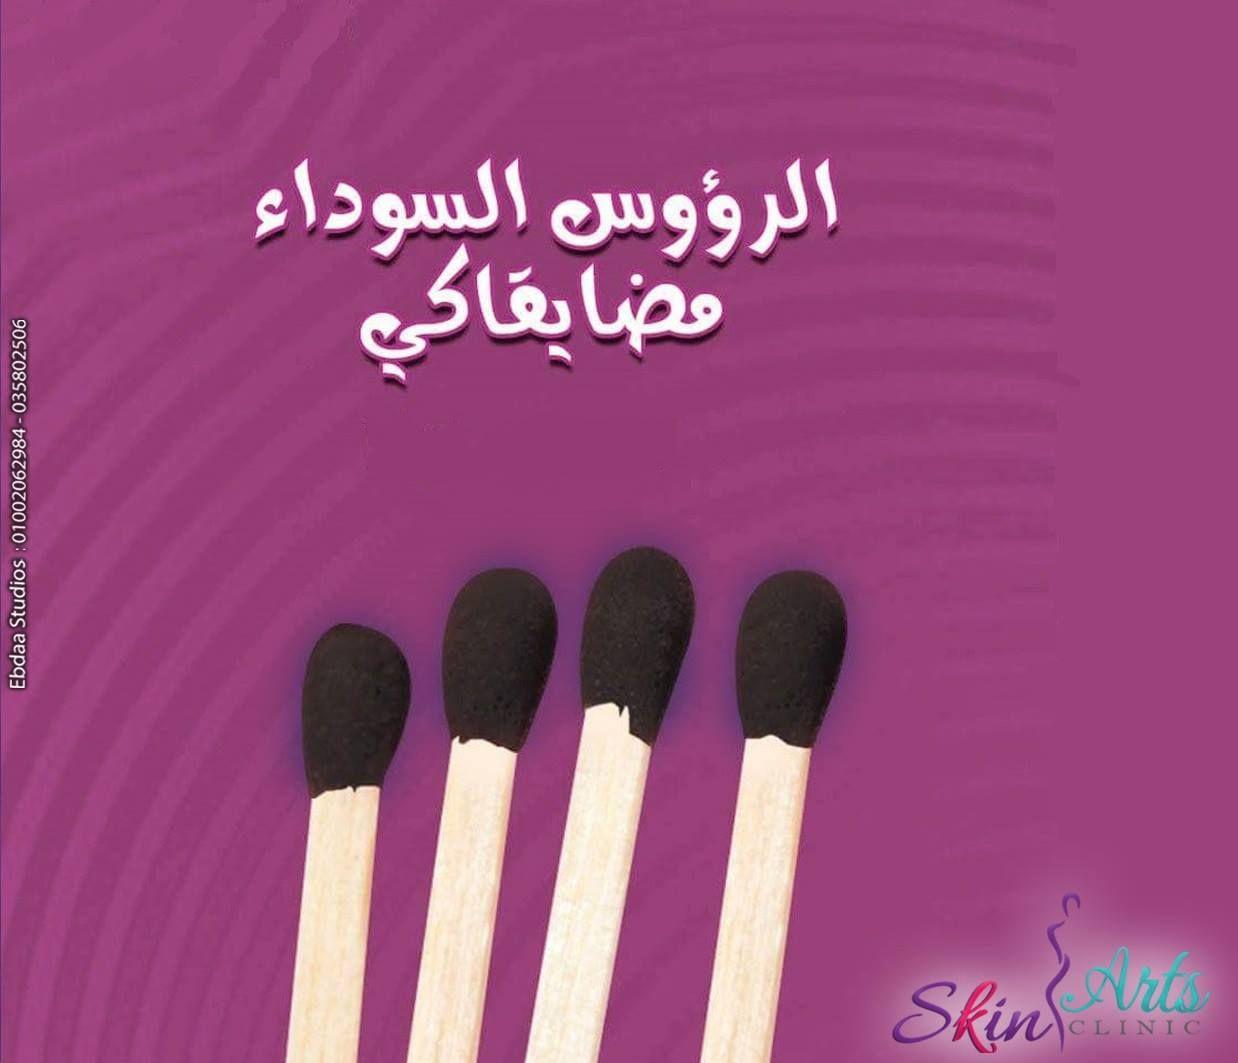 علاج الرؤوس السوداء أفضل مركز تجميل بالإسكندرية Skin Clinic Powder Brush Lips